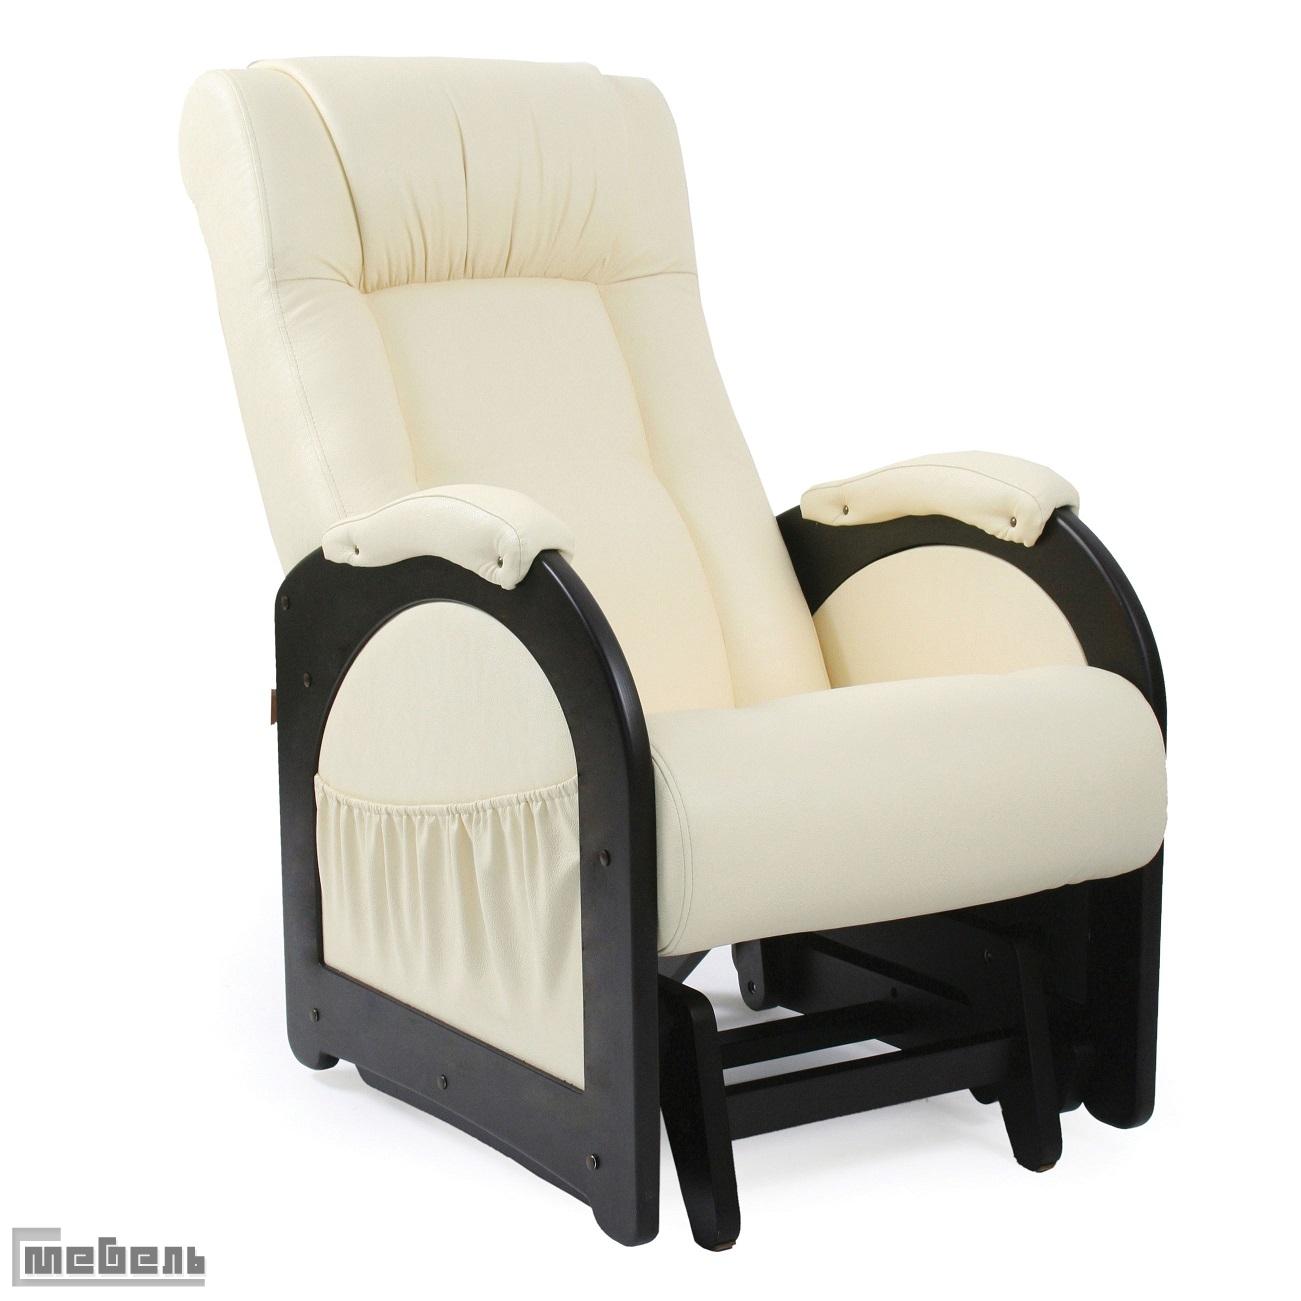 """Кресло-качалка """"Гляйдер"""" модель 48 (013.0048) Эко кожа Дунди 112, без """"Лозы"""""""